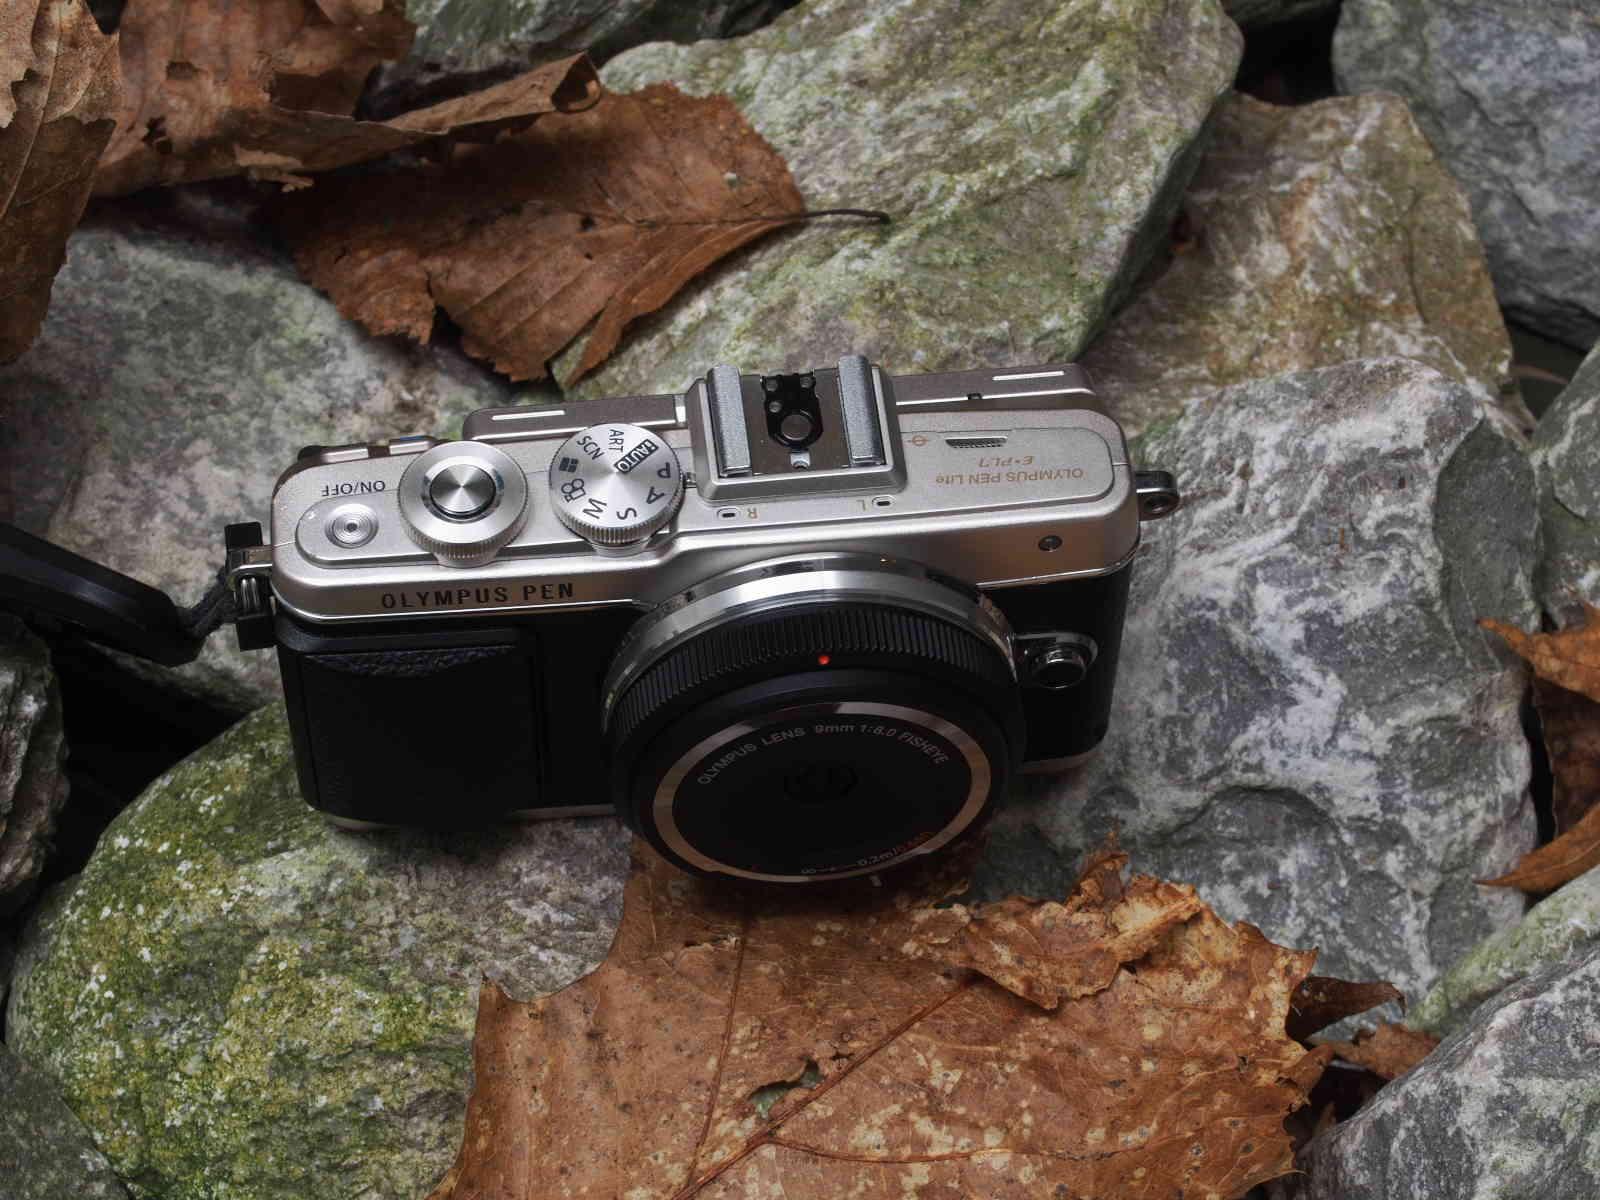 Olympus Body Lens Cap 9mm 1:8,0 macht die PEN hosentaschentauglich